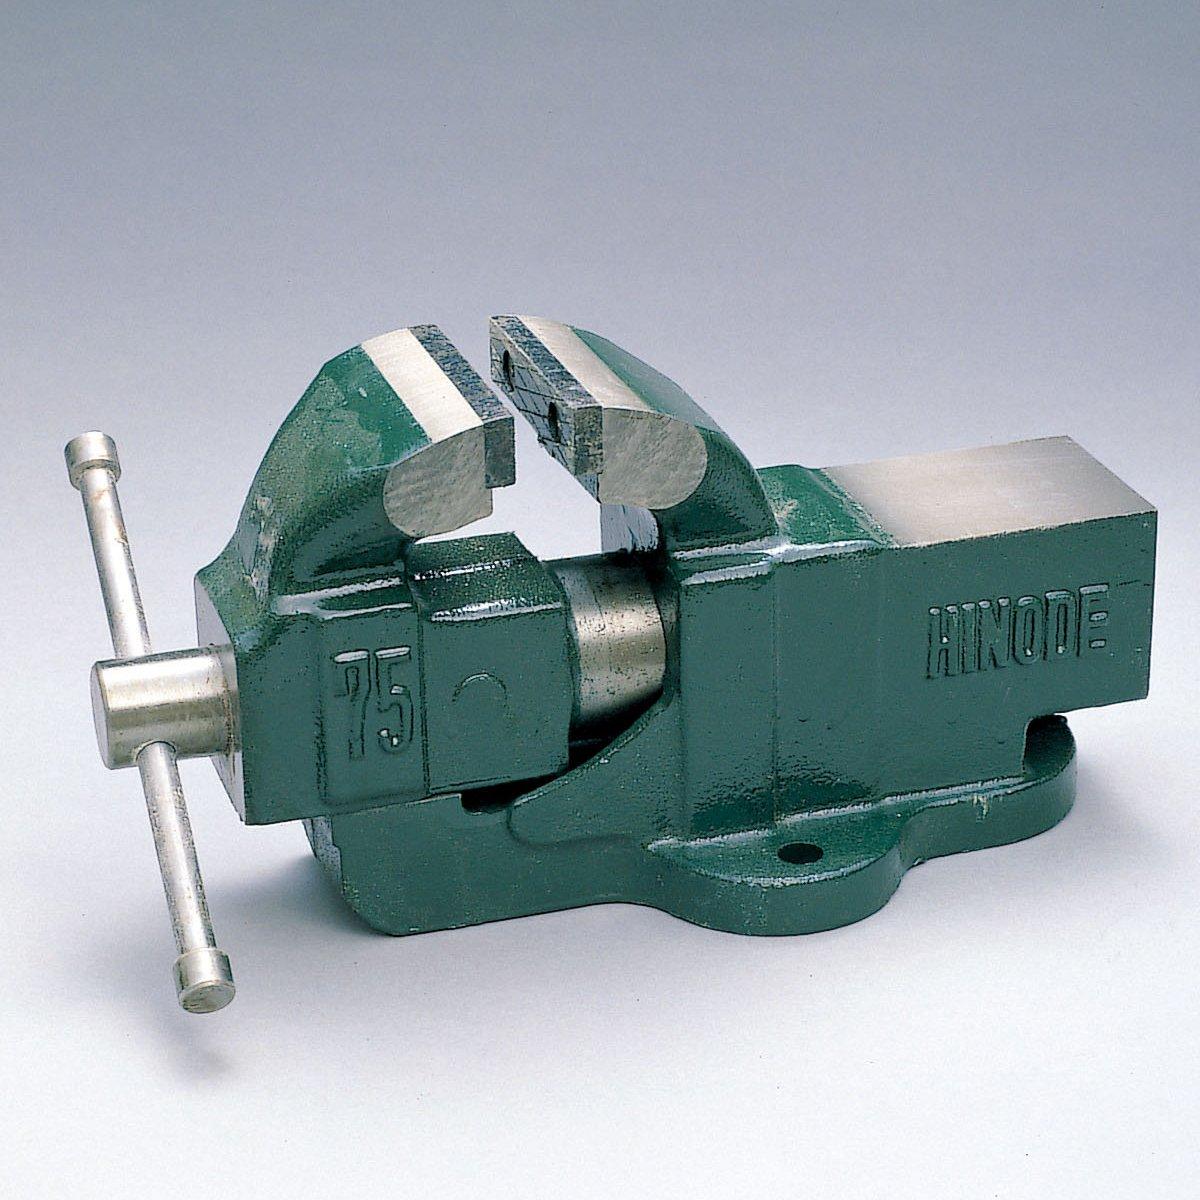 HINODE 金工箱万力 リードバイス 口幅75mm B01N9V8KD8 リード75mm